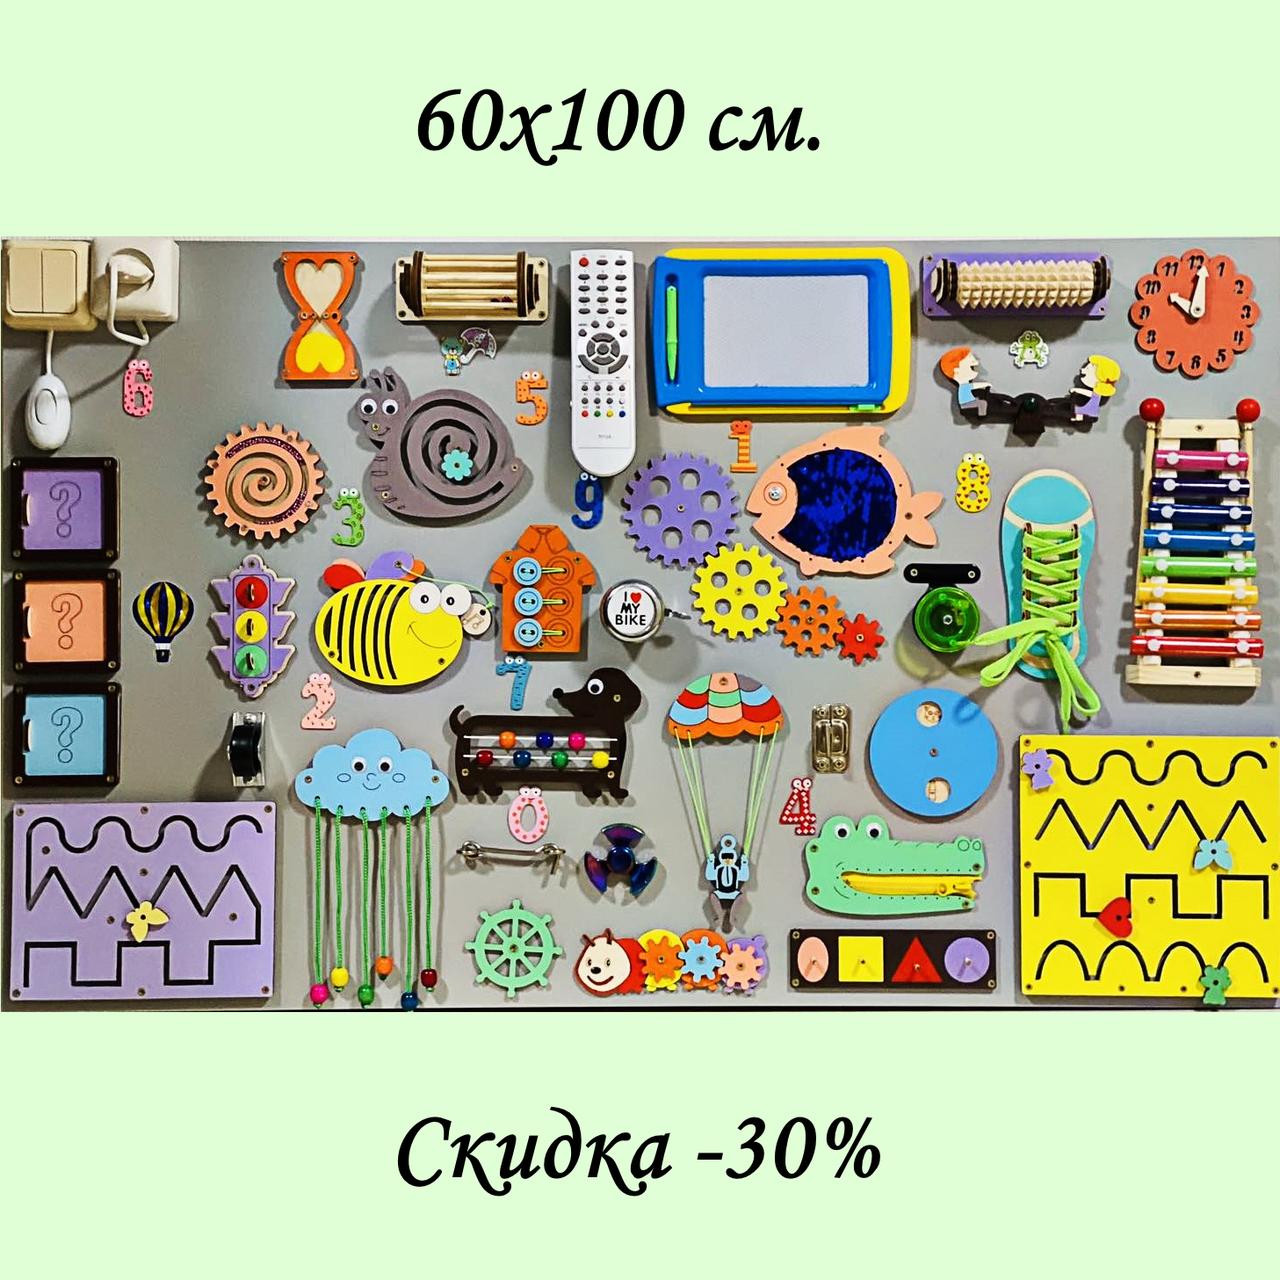 Розвиваюча дошка розмір 60*100 Бизиборд для дітей 57 елементів! Топ